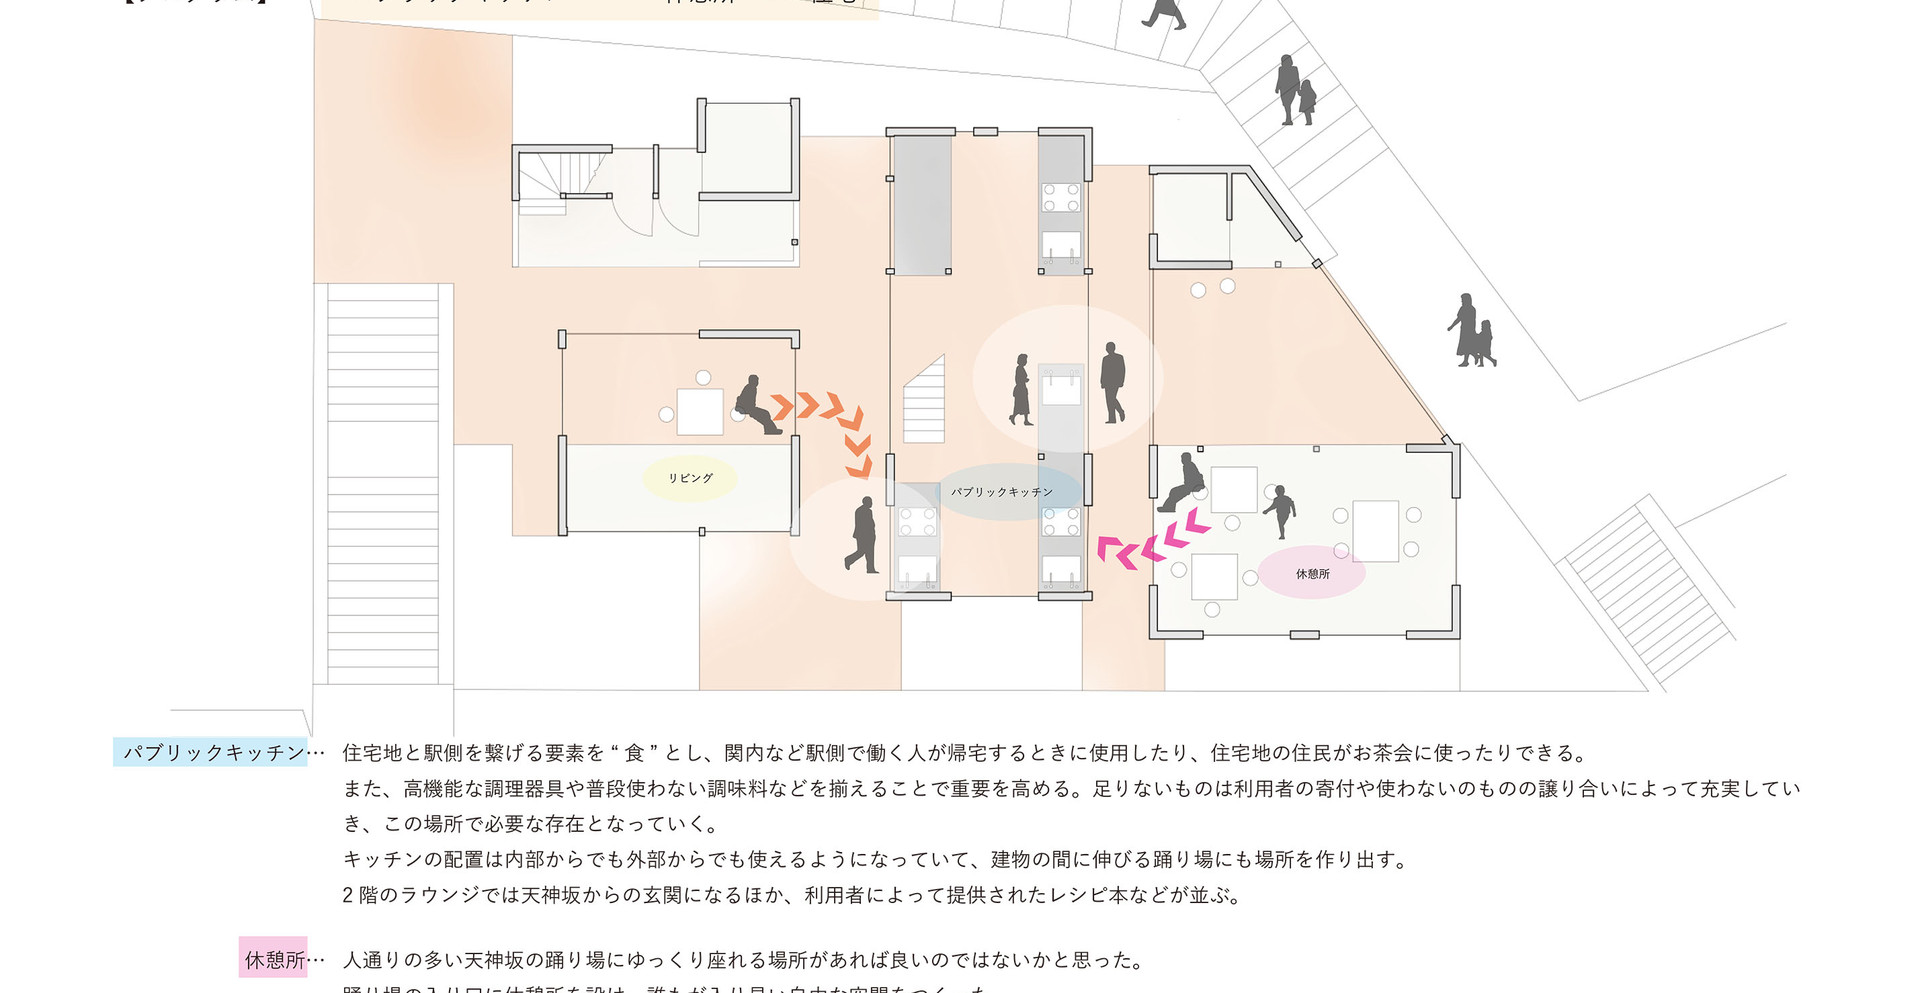 今井菜月_09.jpg